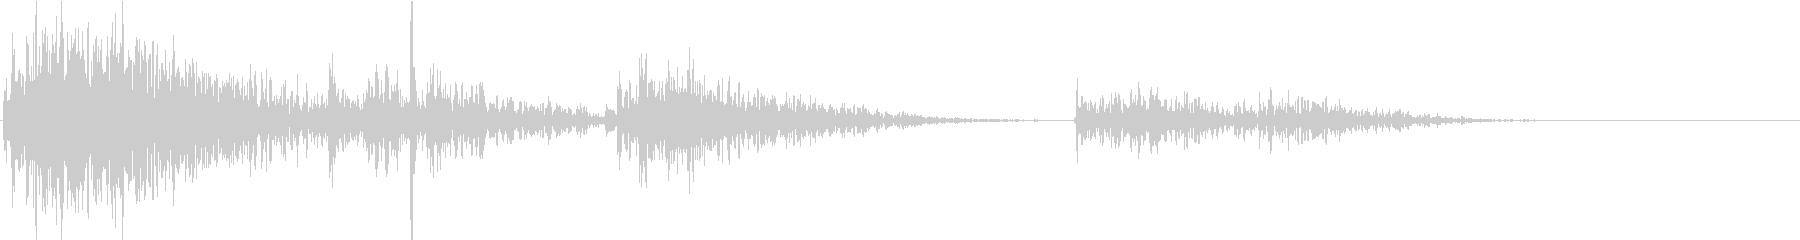 【生録音】プラスチックの容器が転がる 5の未再生の波形